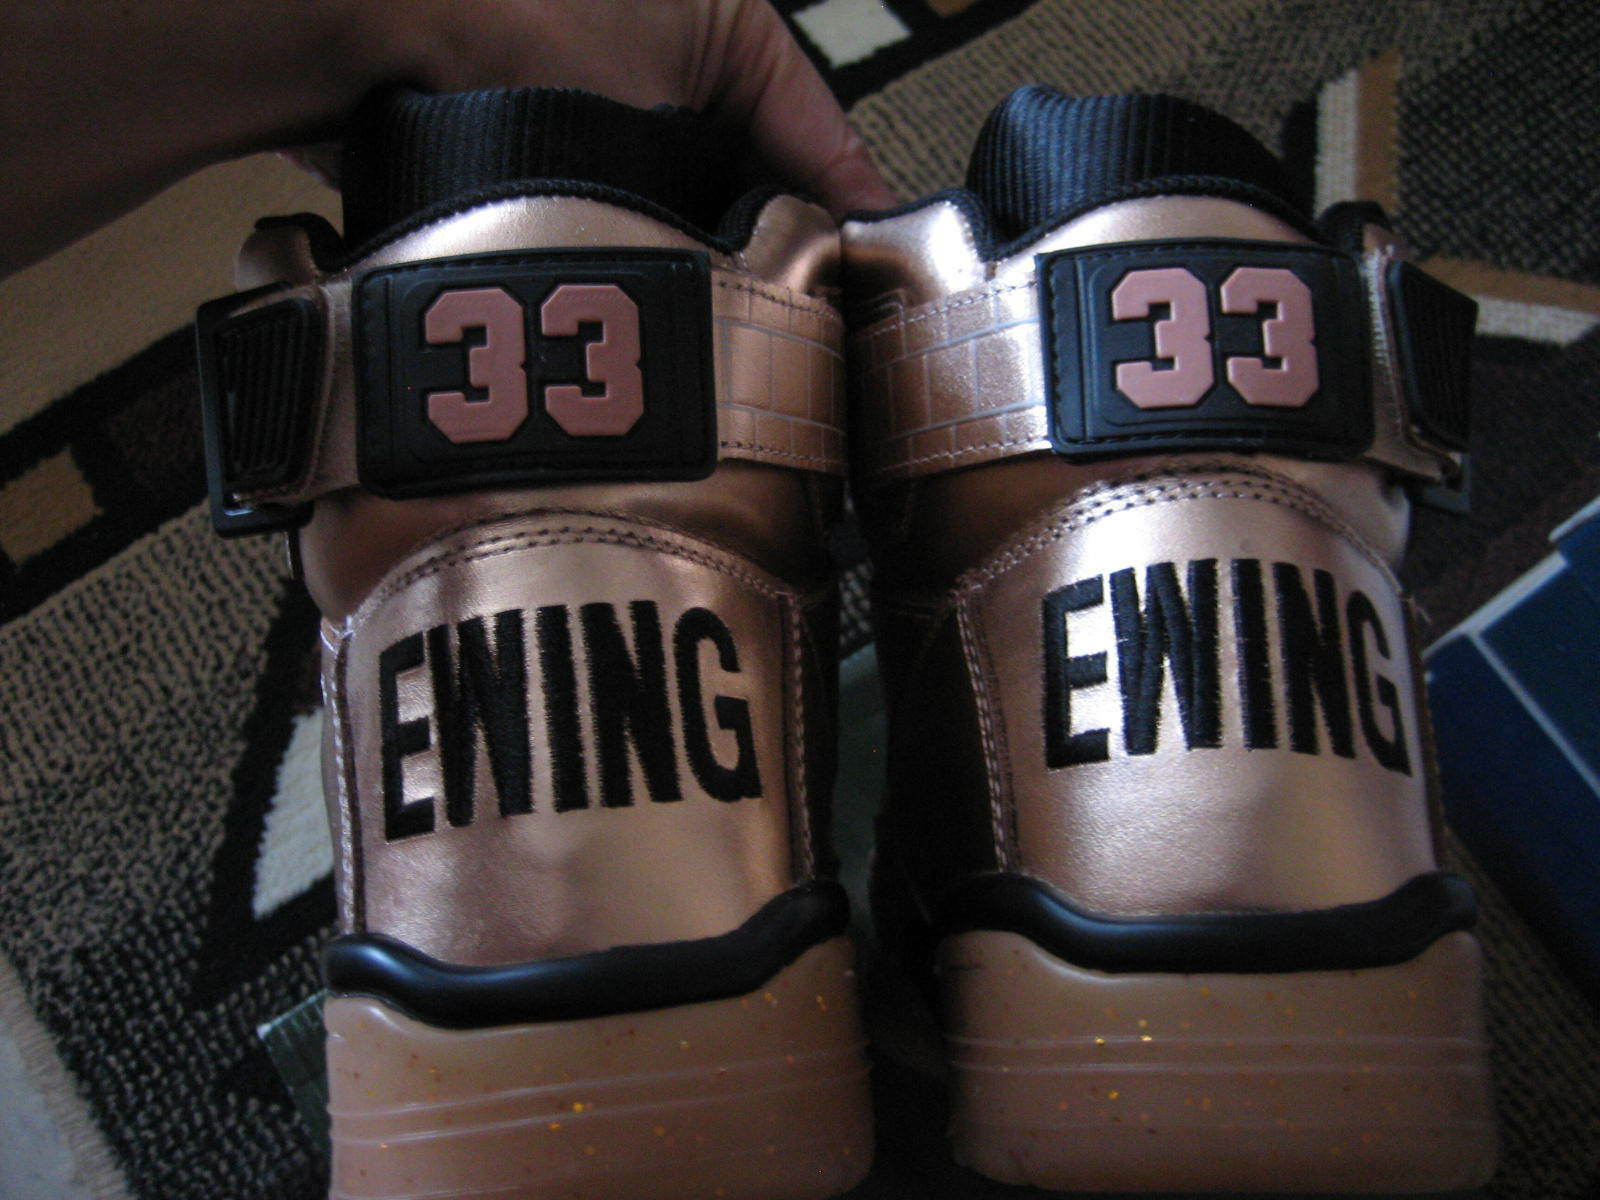 Ewing 33 12 HI - Rose Gold - Taglia US 12 33 dcf335